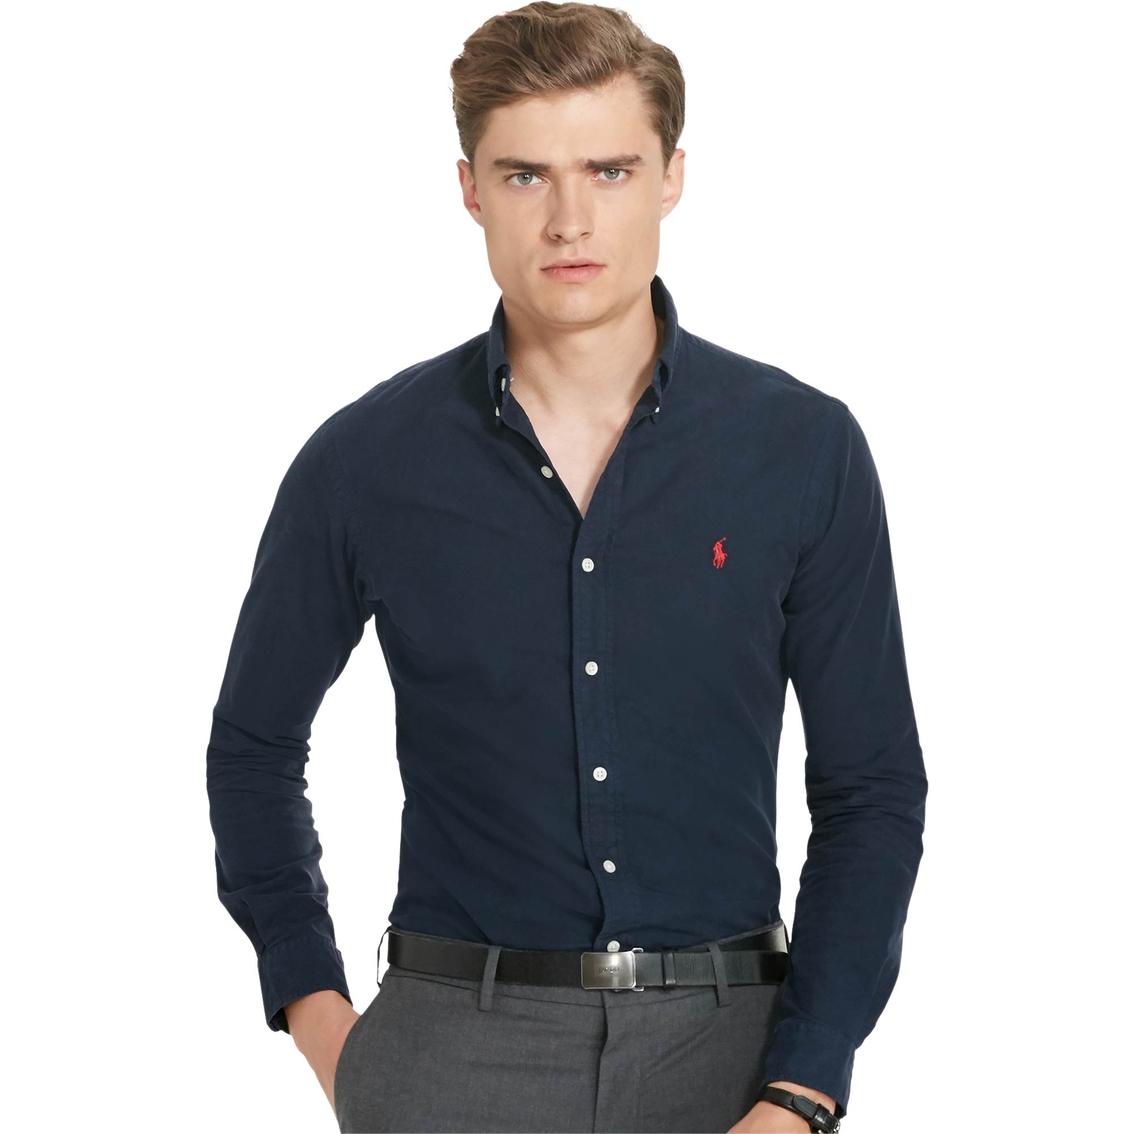 Polo Ralph Lauren Garment Dyed Oxford Shirt  d6702c26470c